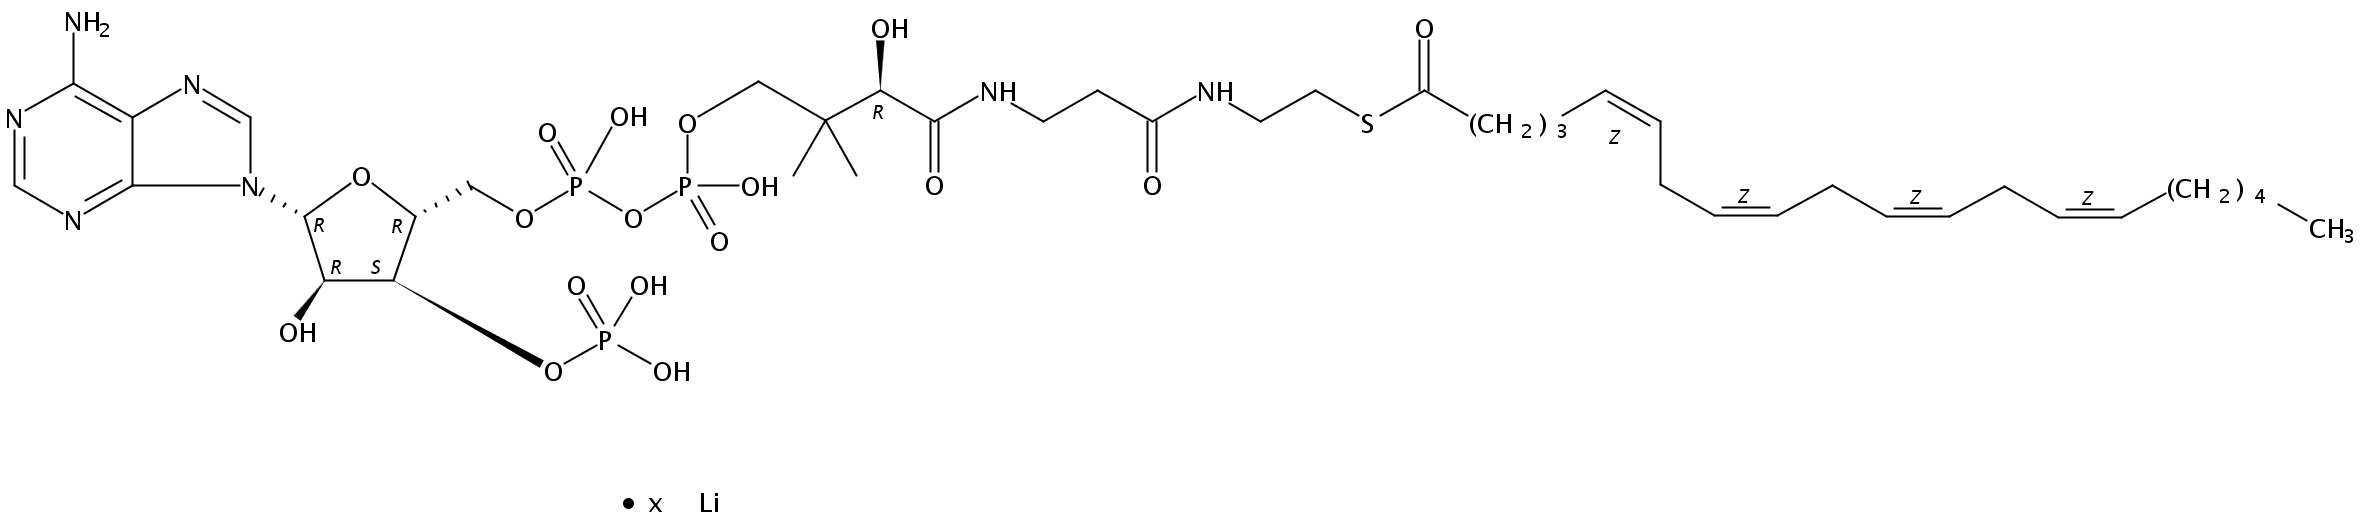 Structural formula of 5(Z),8(Z),11(Z),14(Z)-Eicosatetraenoyl Coenzyme A Li salt